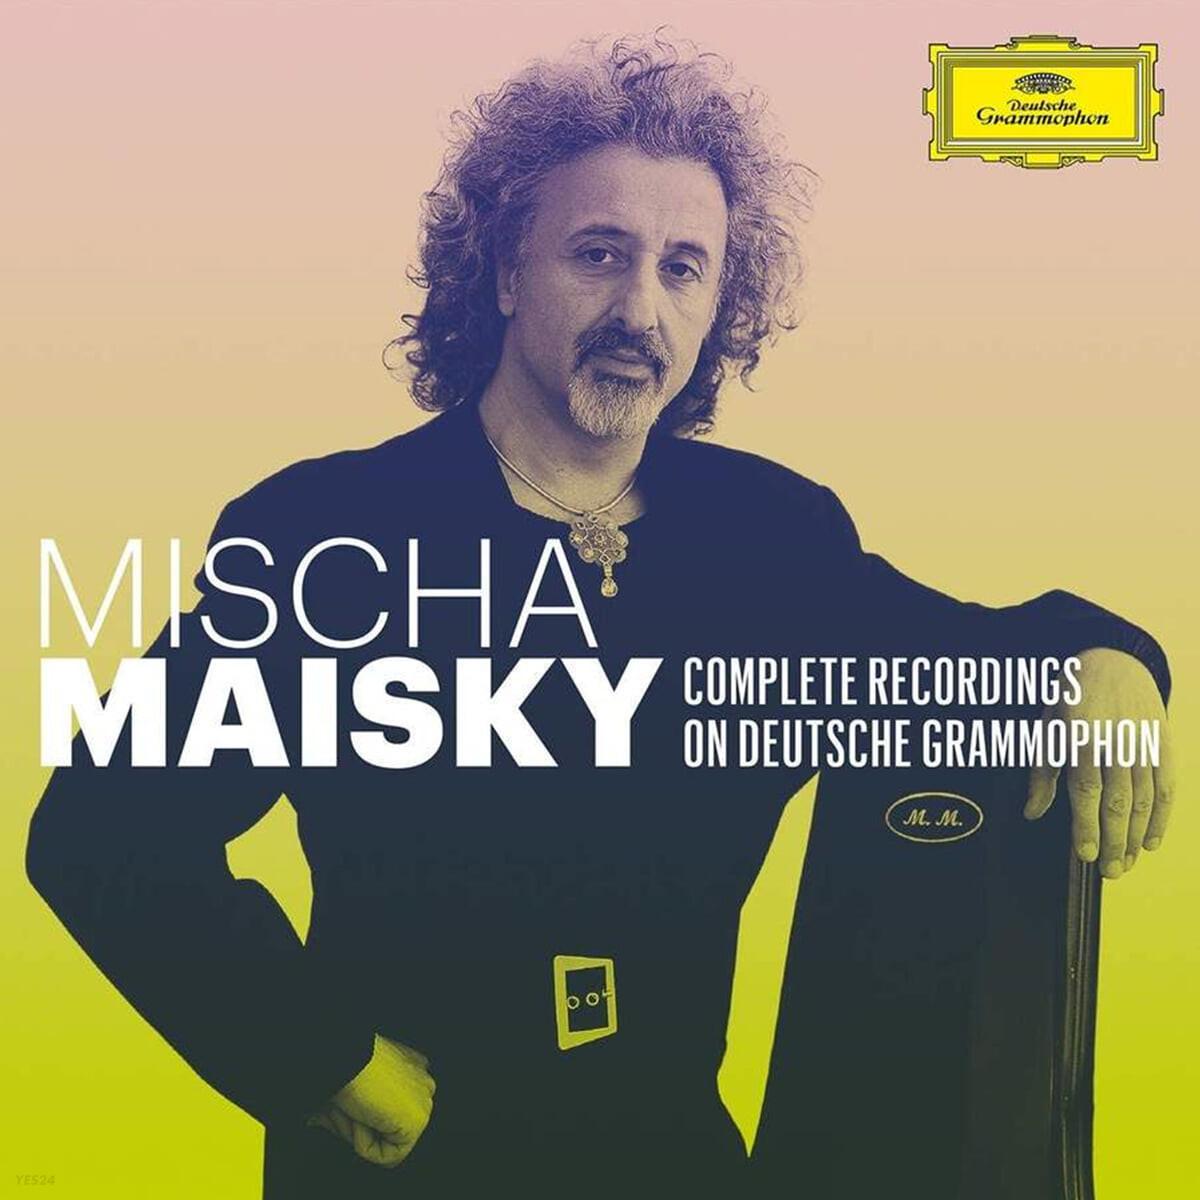 Mischa Maisky 미샤 마이스키 DG 전집 (Complete Recordings On Deutsche Grammophon)